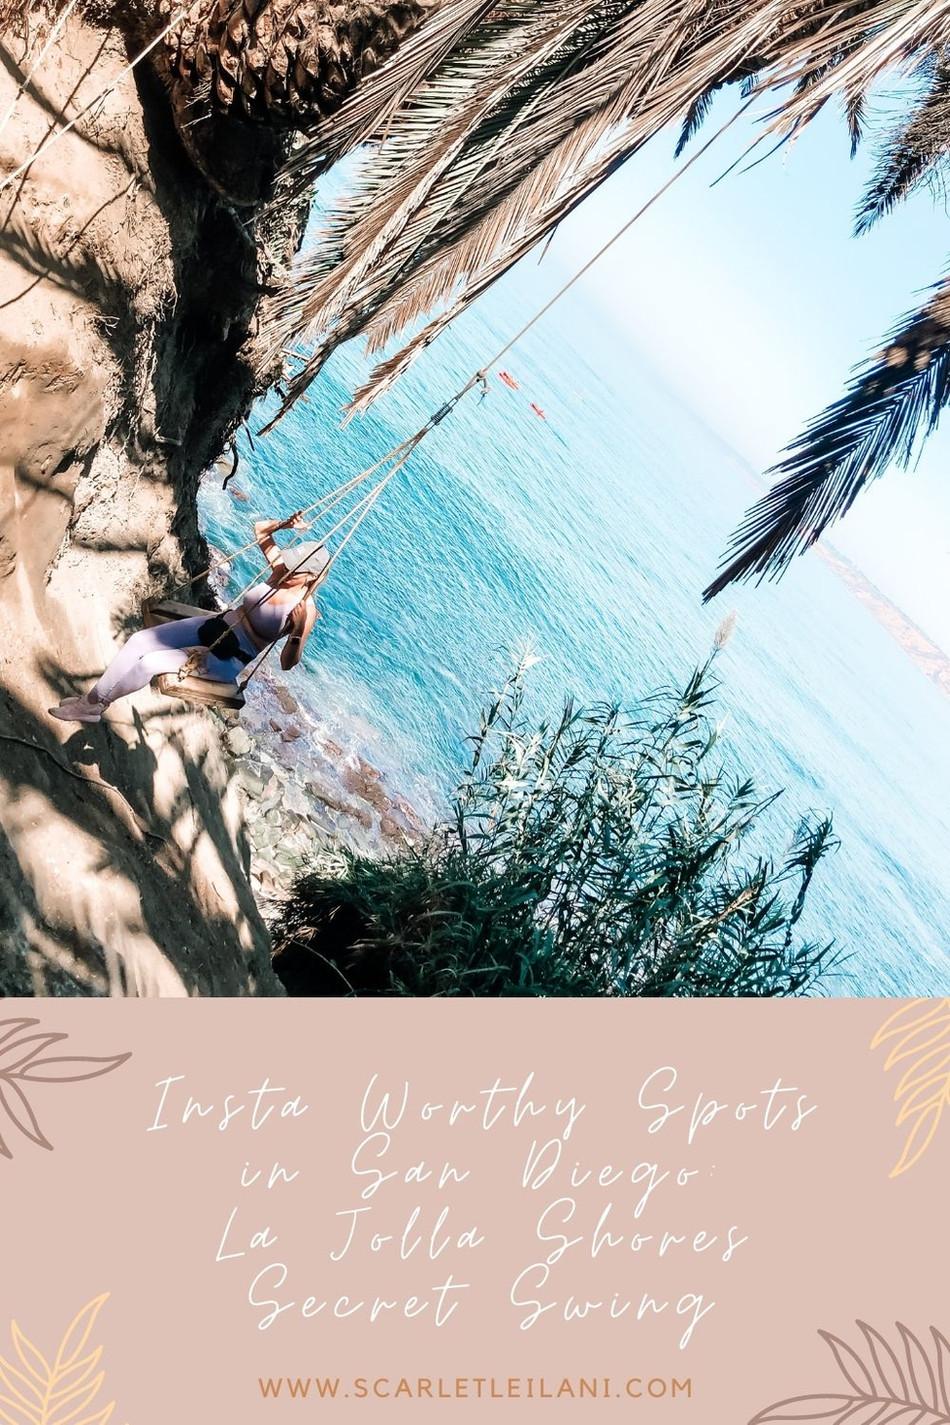 Insta Worthy Spots in San Diego: La Jolla Shores Secret Swing